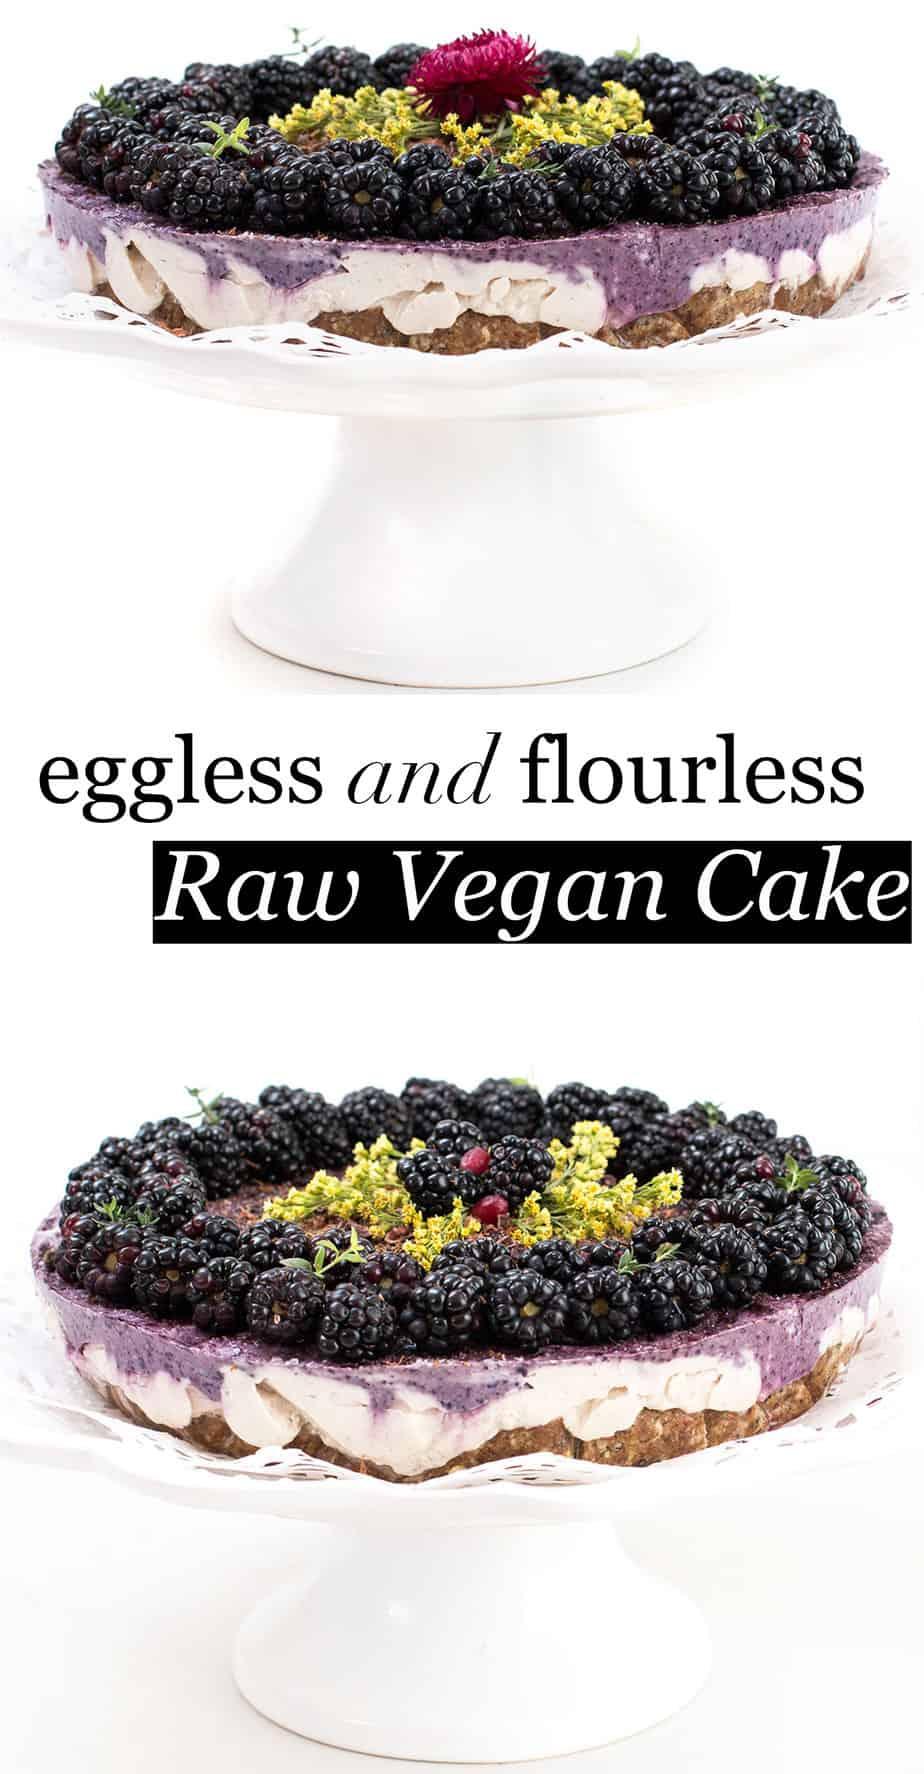 eggless-flourless-raw-vegan-cake